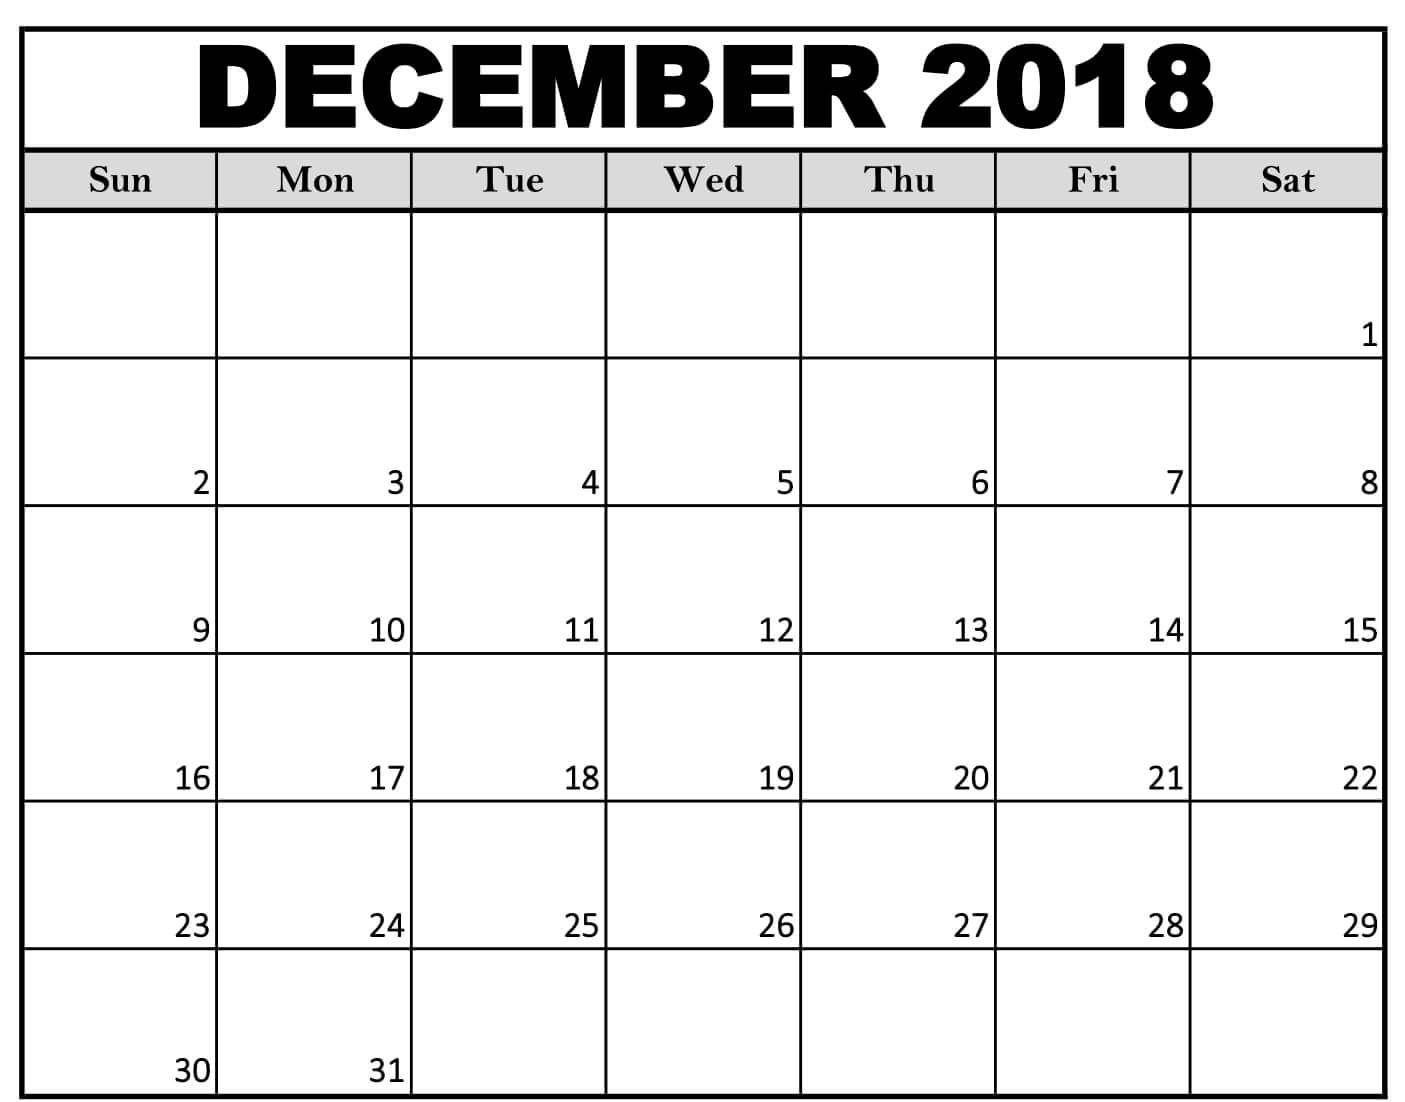 december 2018 calendar landscape december2018calendar december2018 calendars